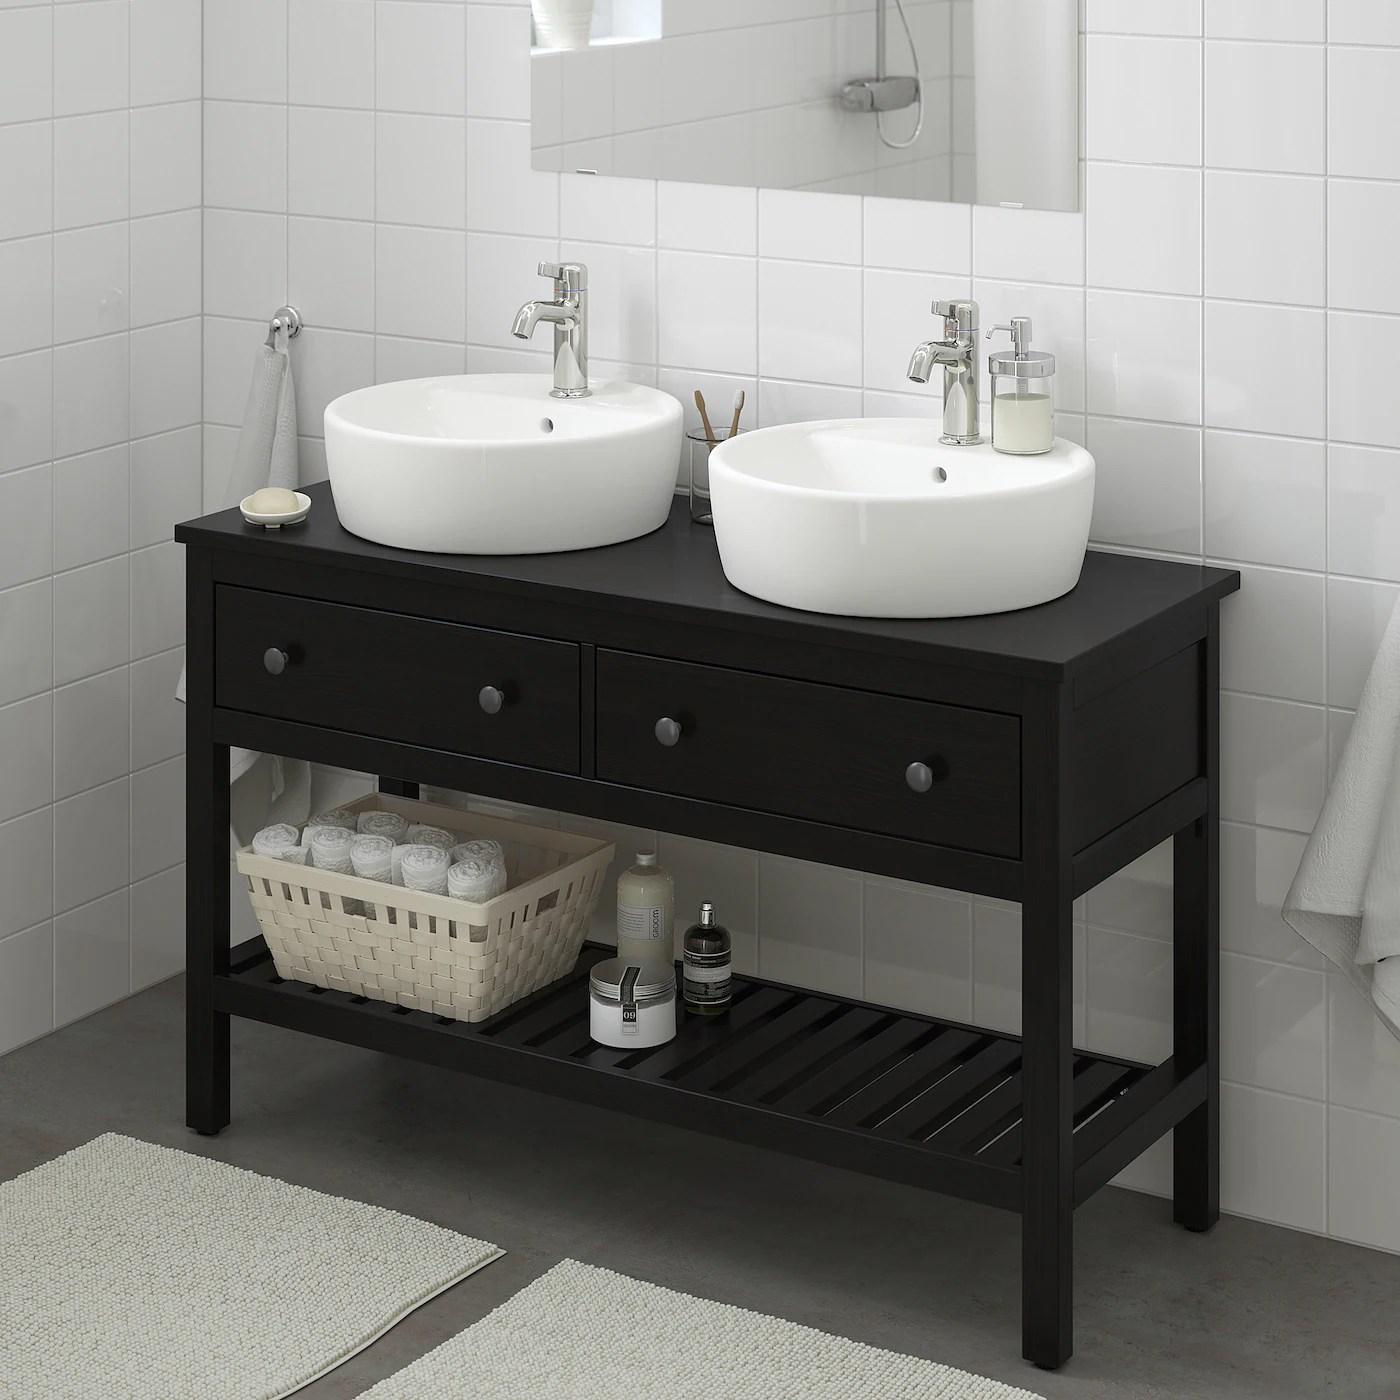 hemnes bathroom vanity 2 drawers black brown stain 48 122 cm